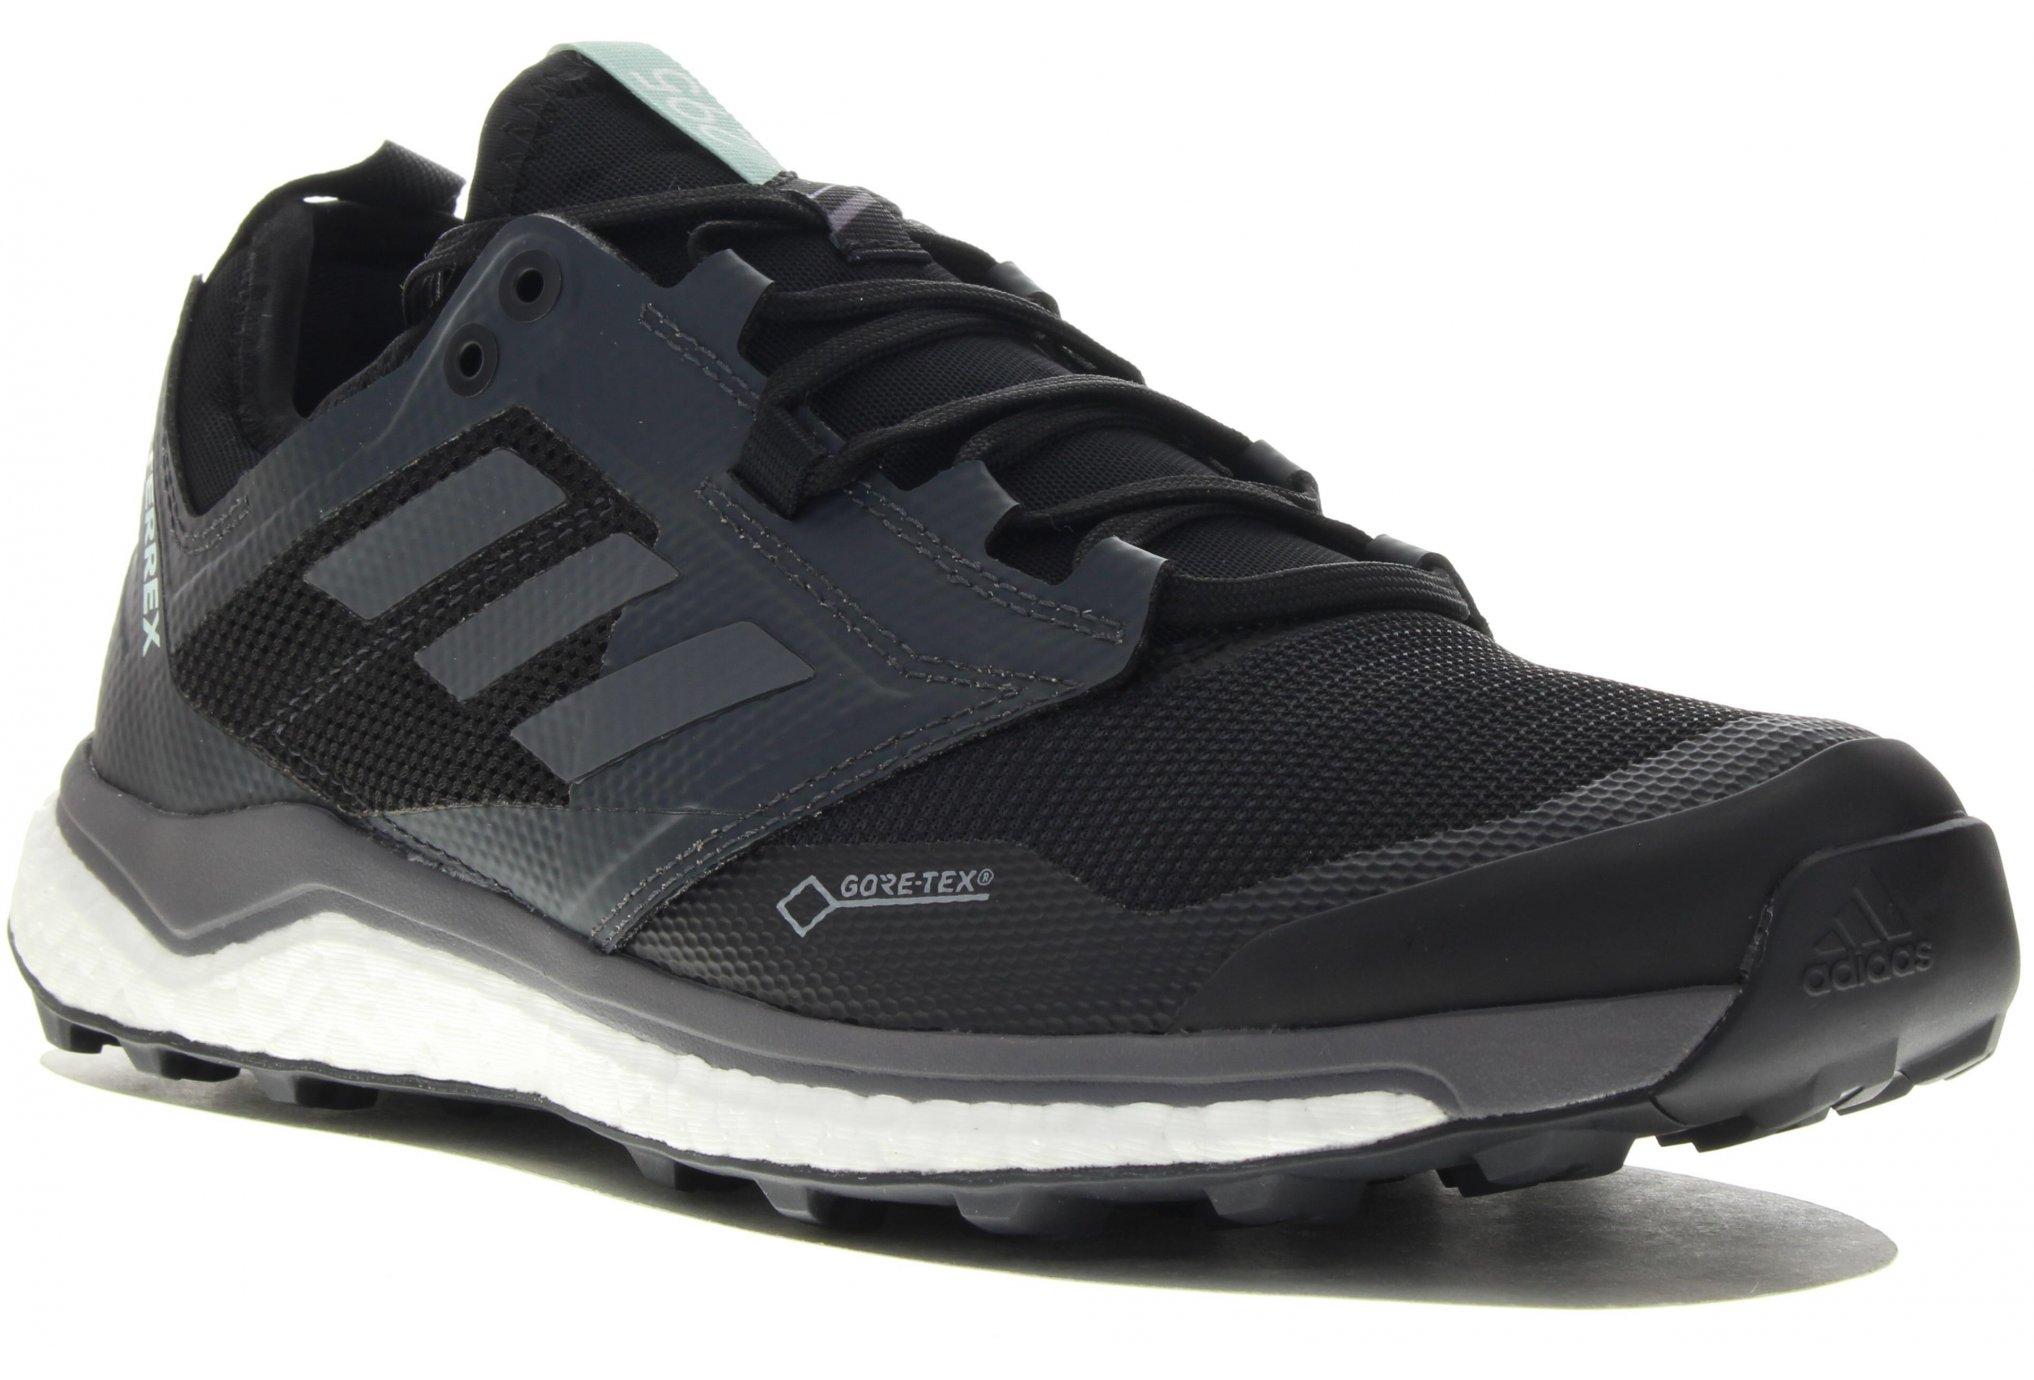 adidas Terrex Agravic XT Gore-Tex W Diététique Chaussures femme